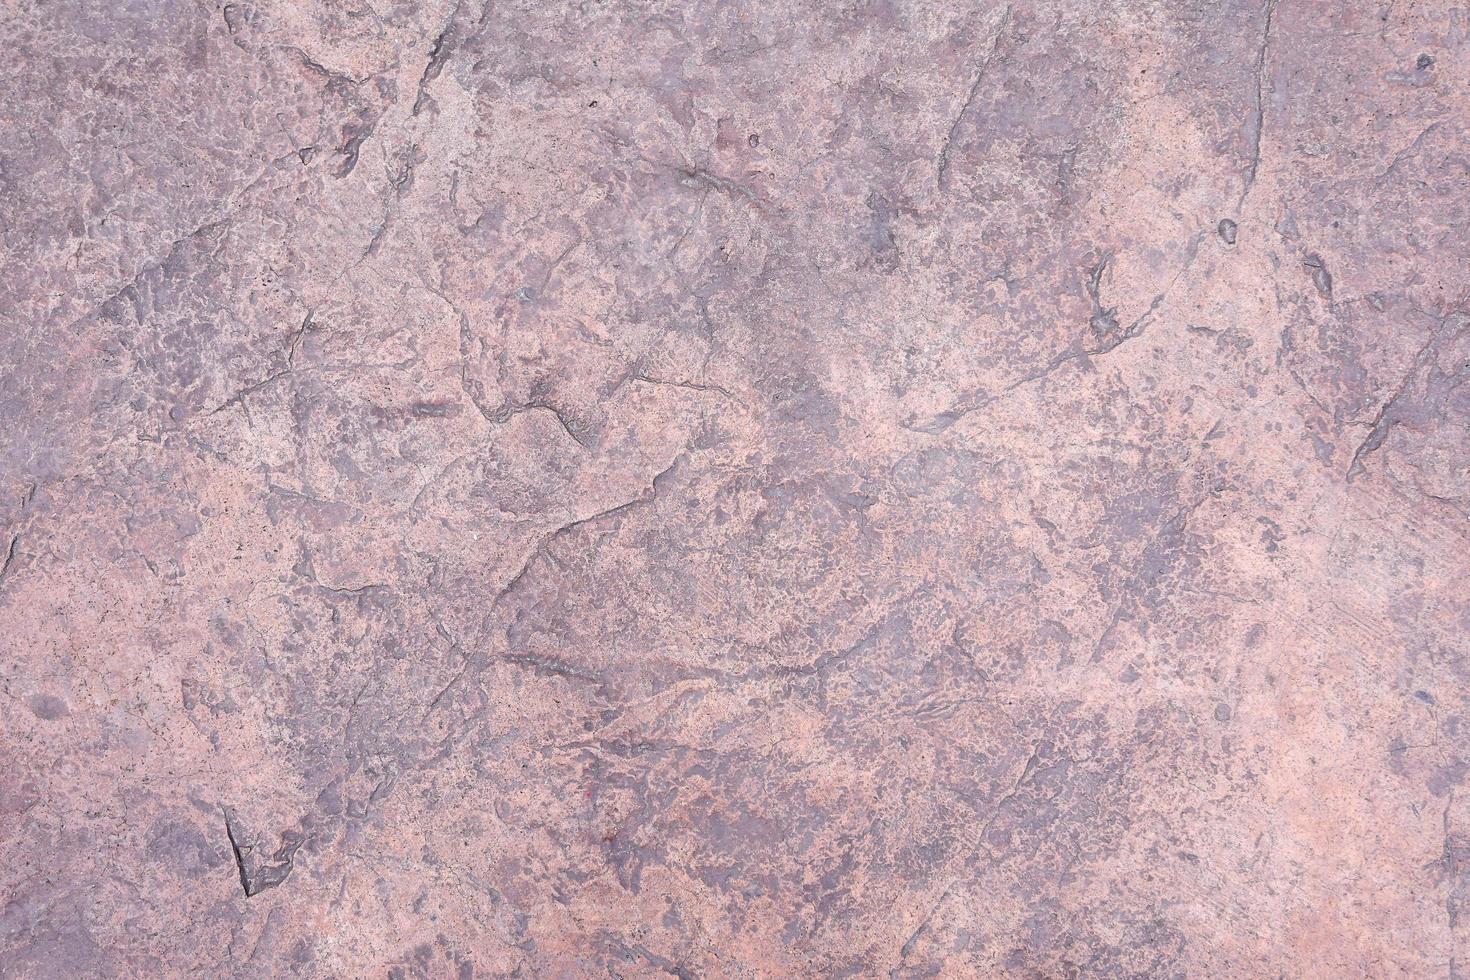 frammento di muro di cemento vecchio weathered crack, struttura del pavimento di cemento incrinato foto